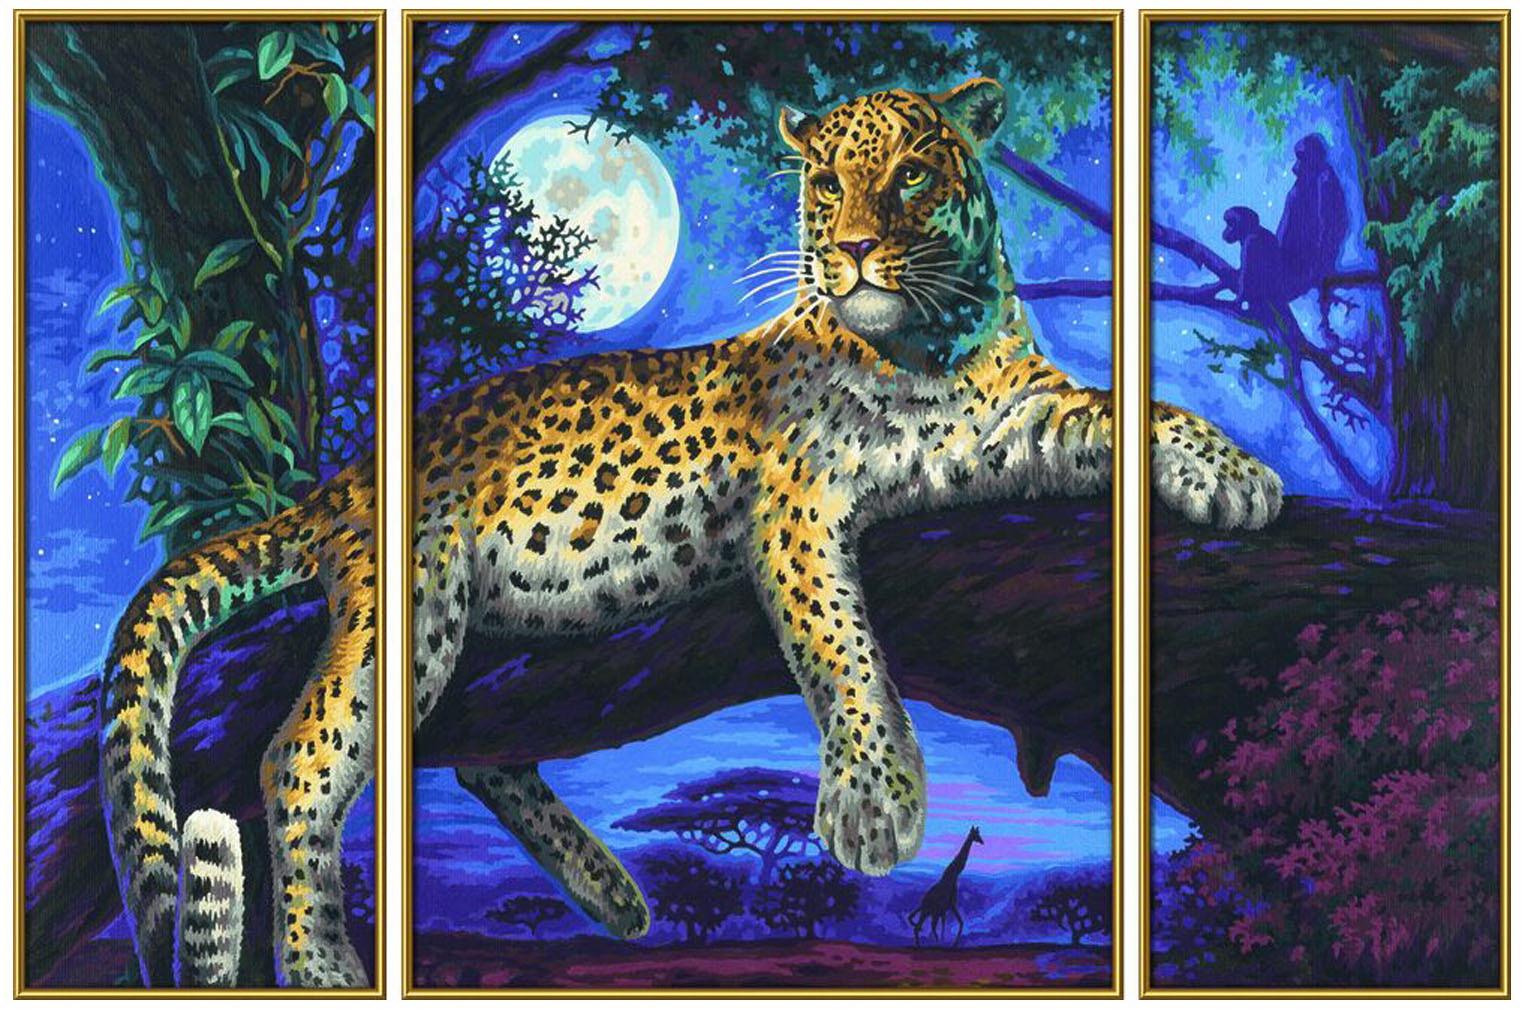 Раскраска по цифрам Триптих: Ягуар в ночиРаскраски по номерам Schipper<br>Раскраска по цифрам Триптих: Ягуар в ночи<br>